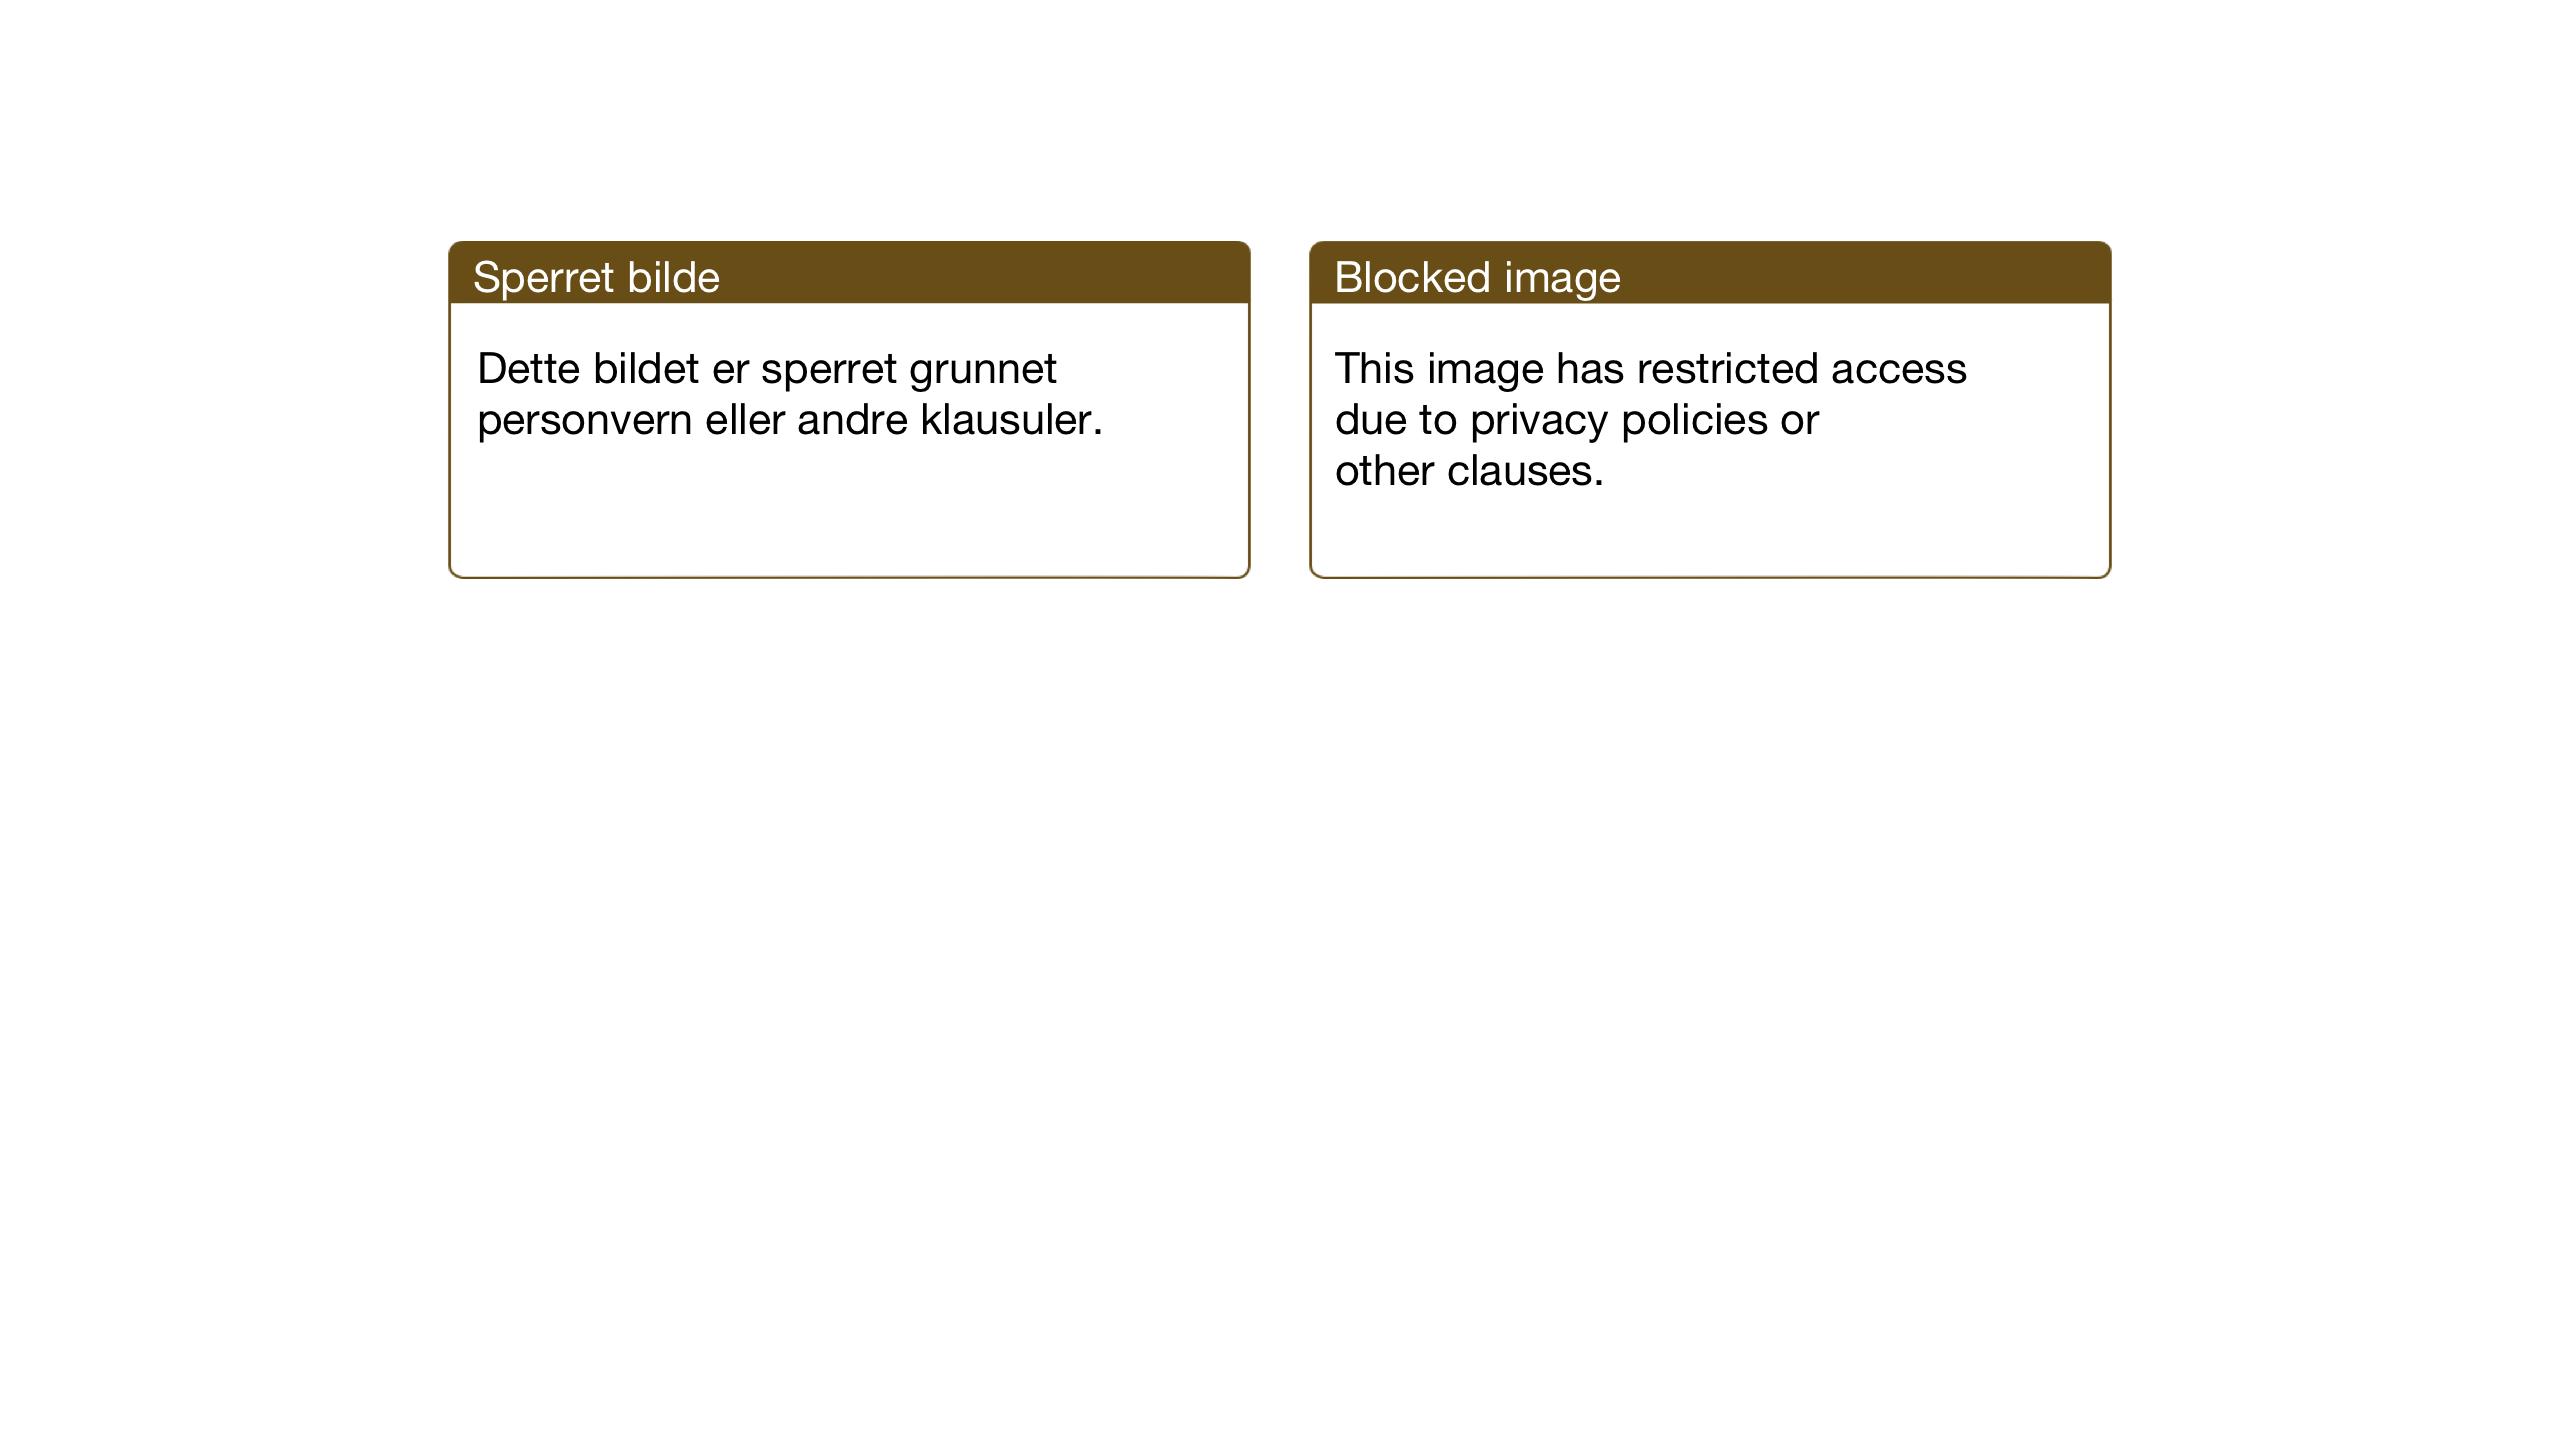 SAT, Ministerialprotokoller, klokkerbøker og fødselsregistre - Nord-Trøndelag, 733/L0328: Klokkerbok nr. 733C03, 1919-1966, s. 32